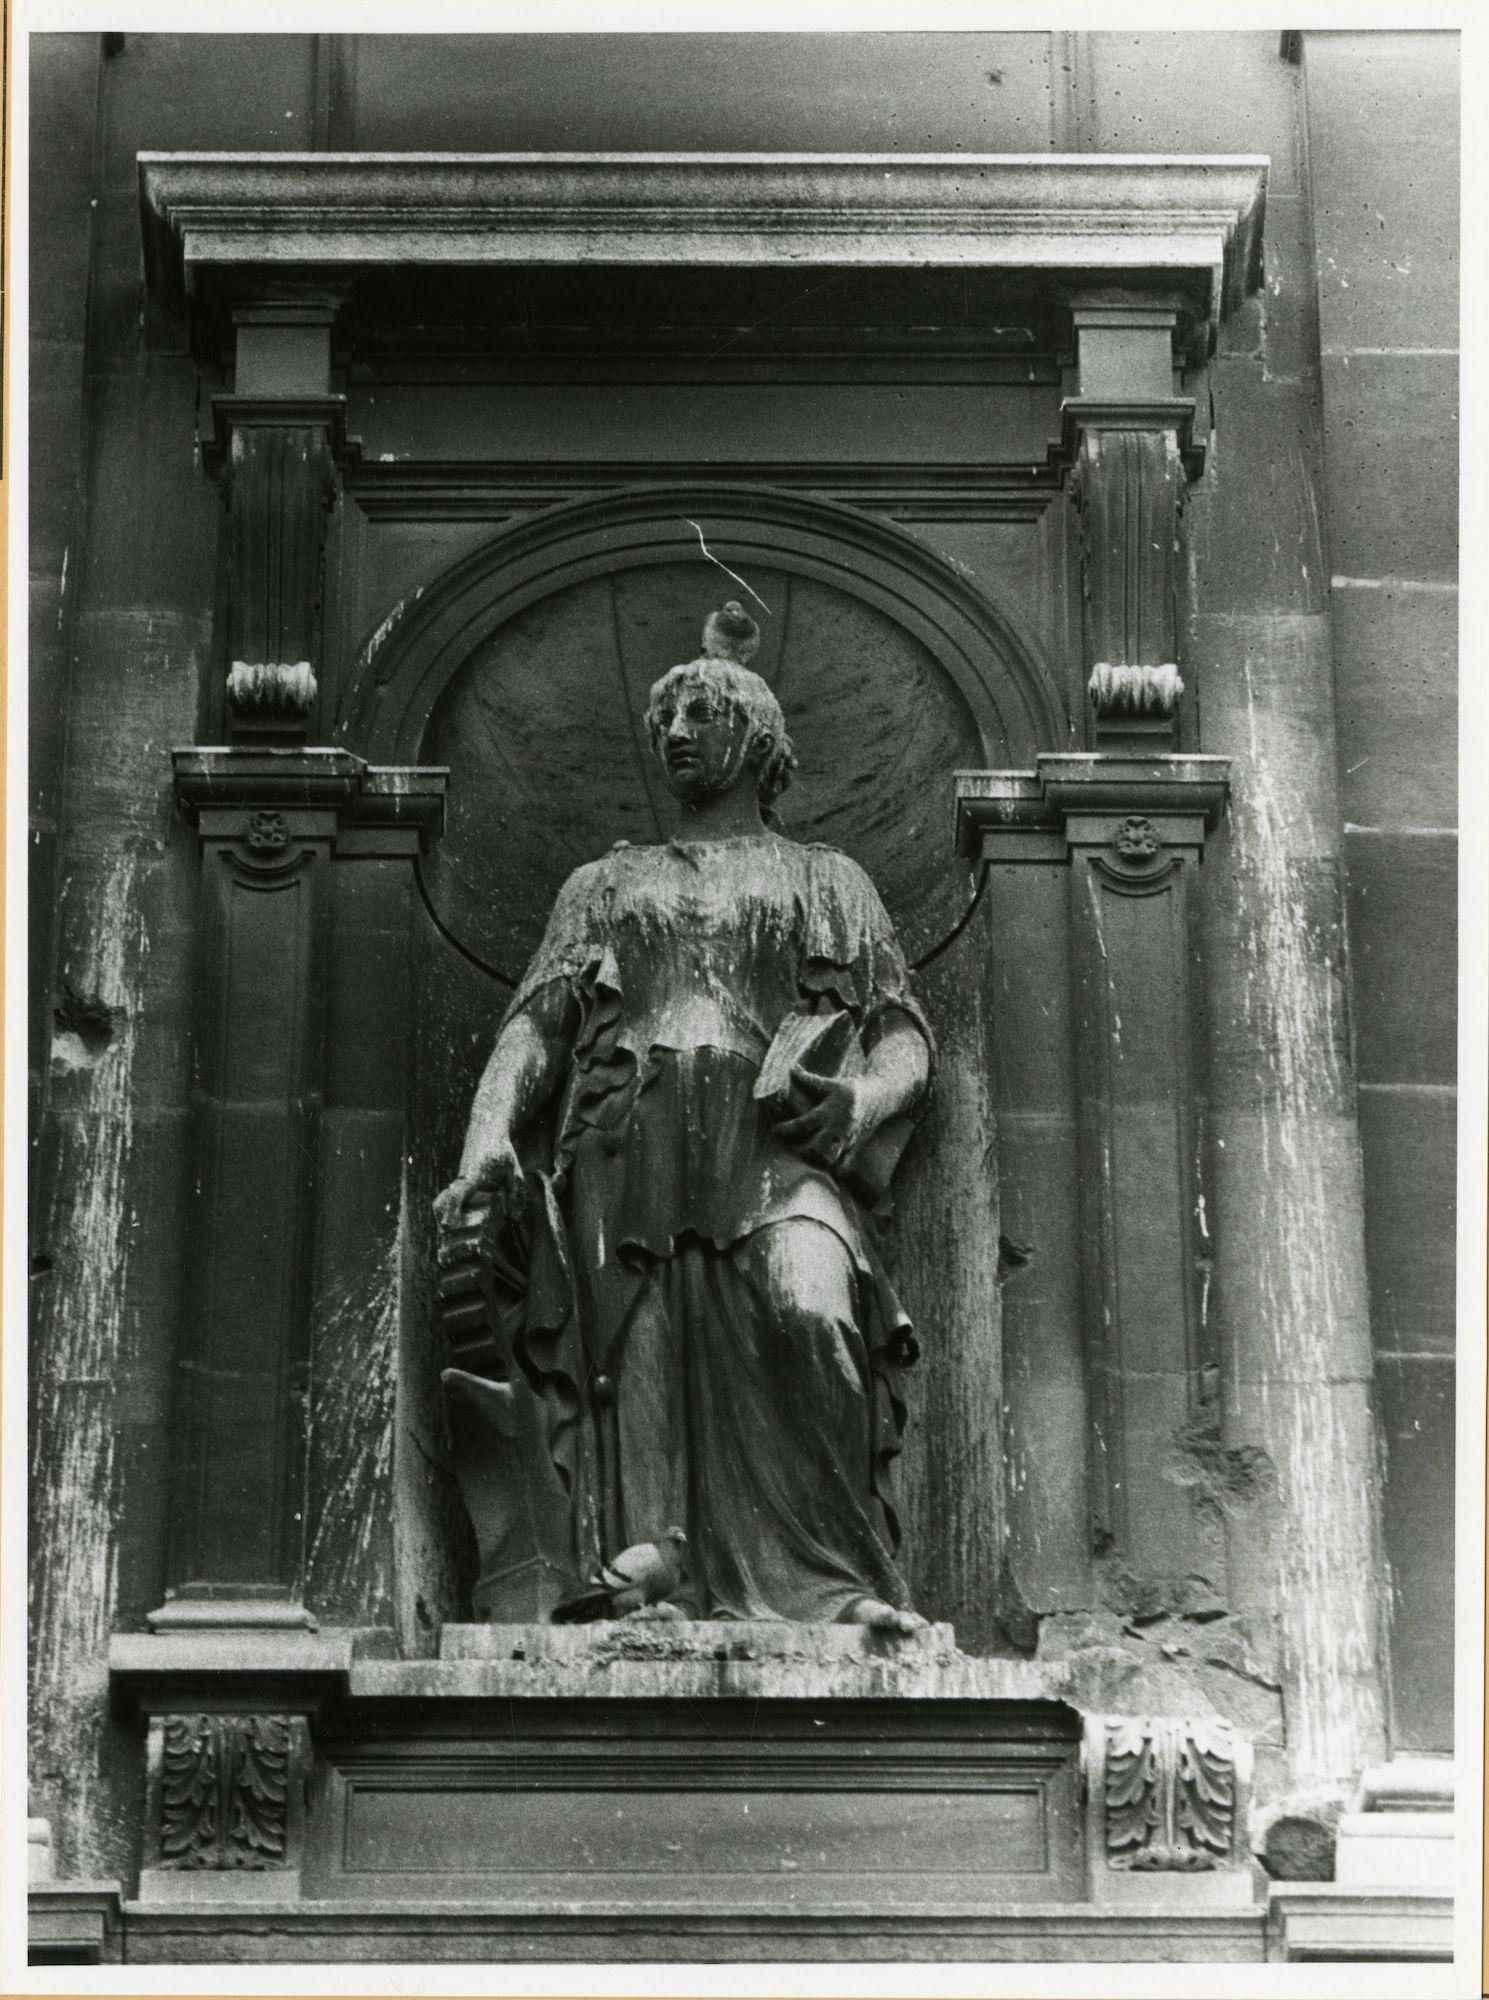 Gent: Jozef Plateaustraat 22: Beeld, 1979